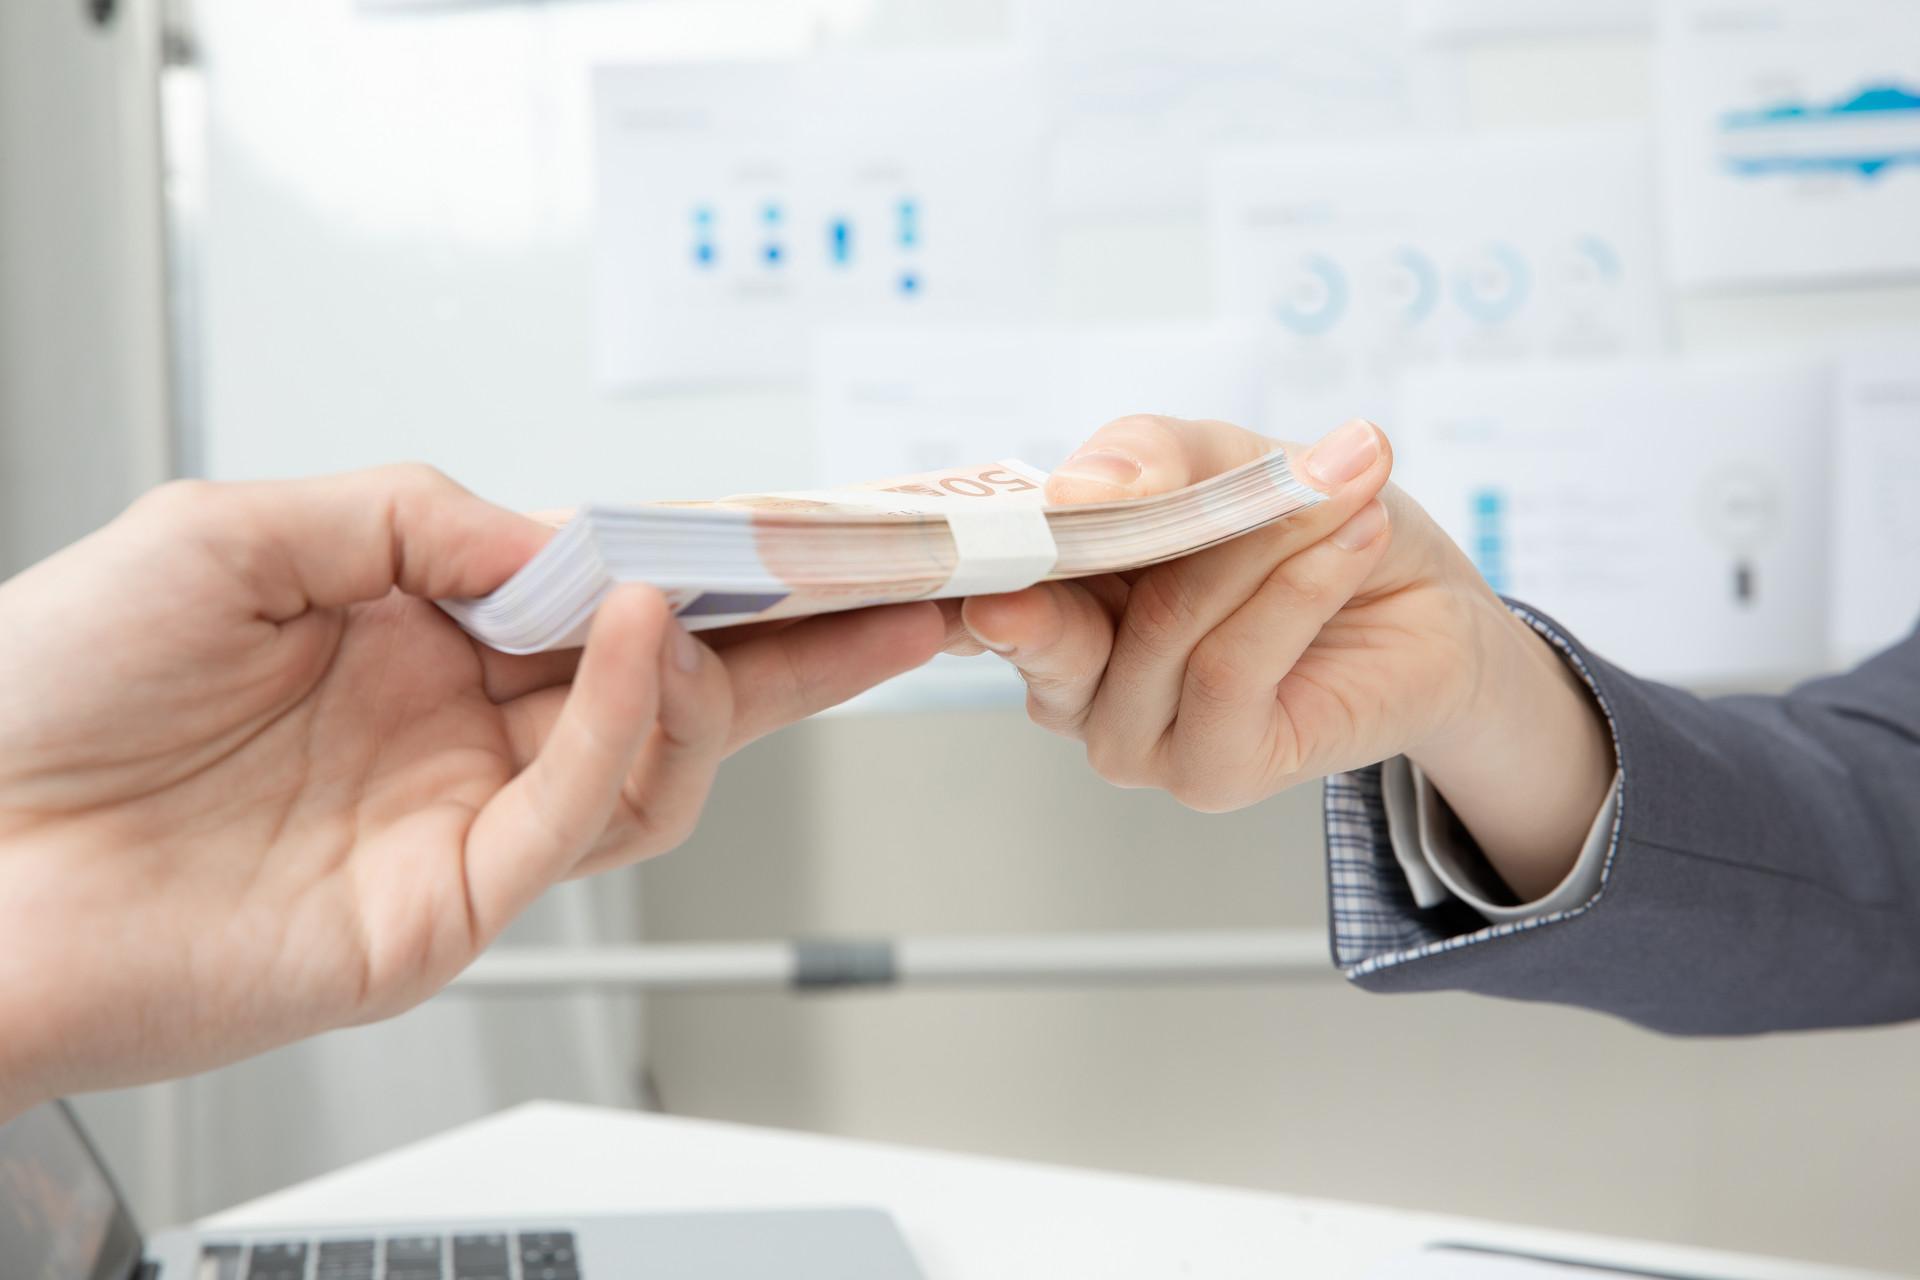 工资条模板在哪下载?哪些模板比较好用?